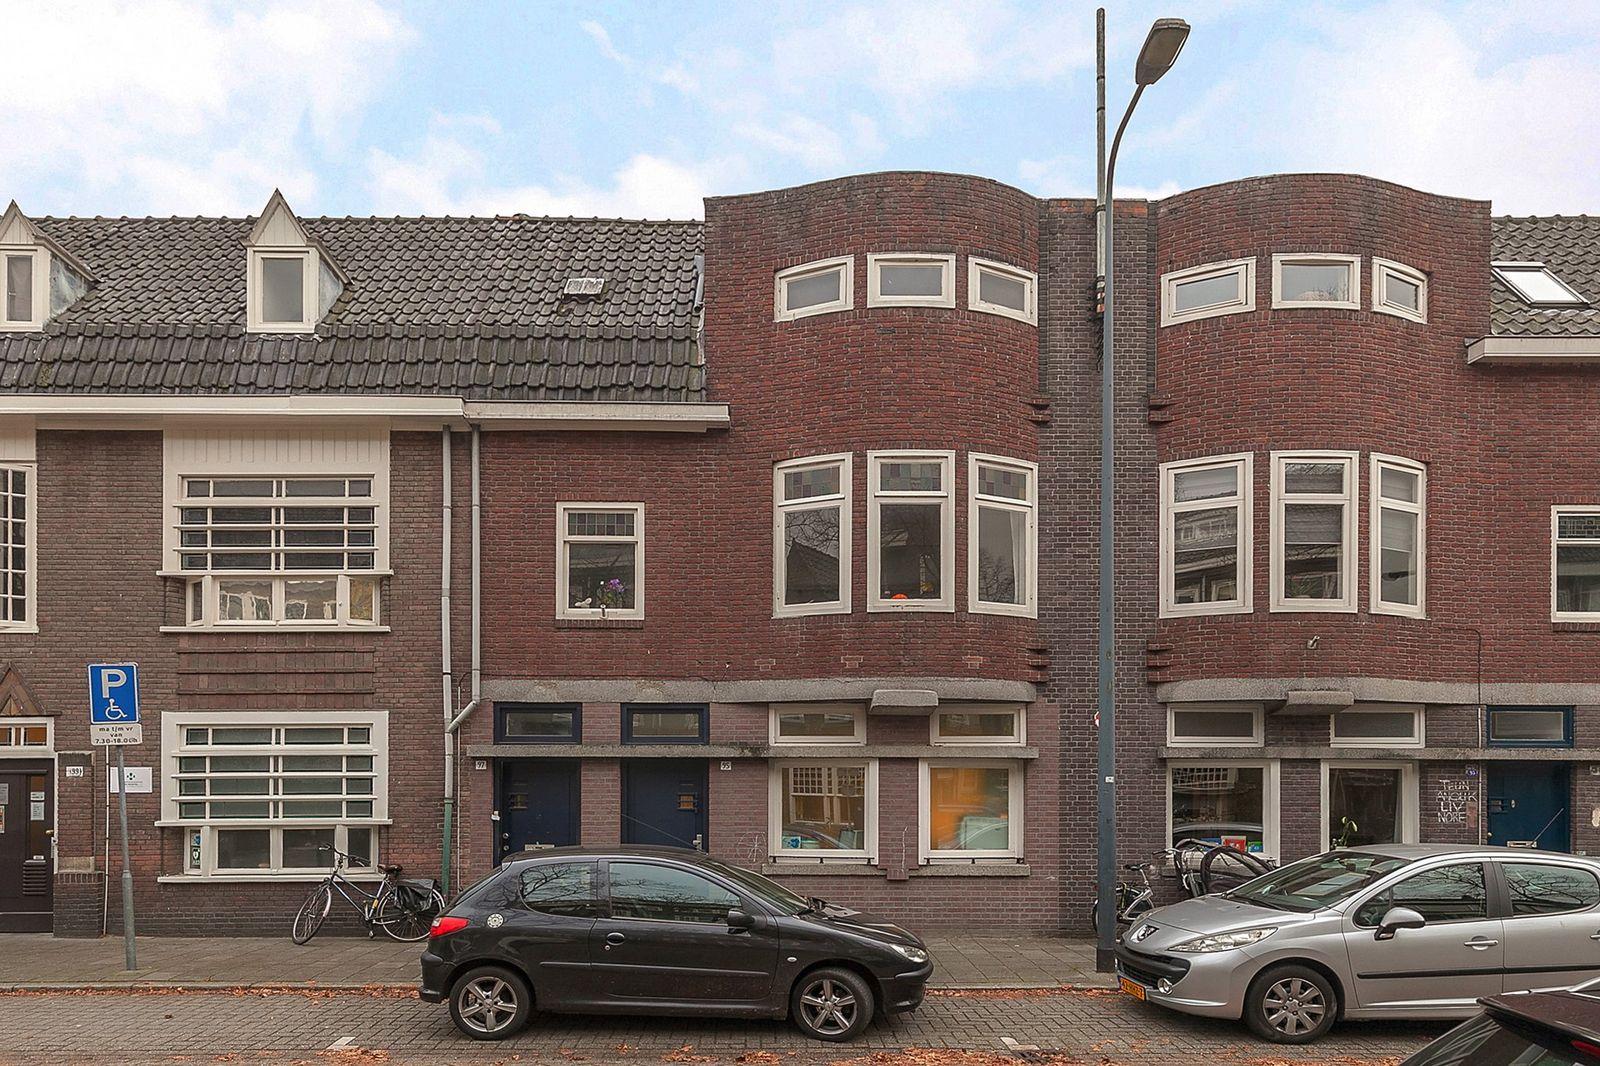 van Noremborghstraat 97, 's-hertogenbosch